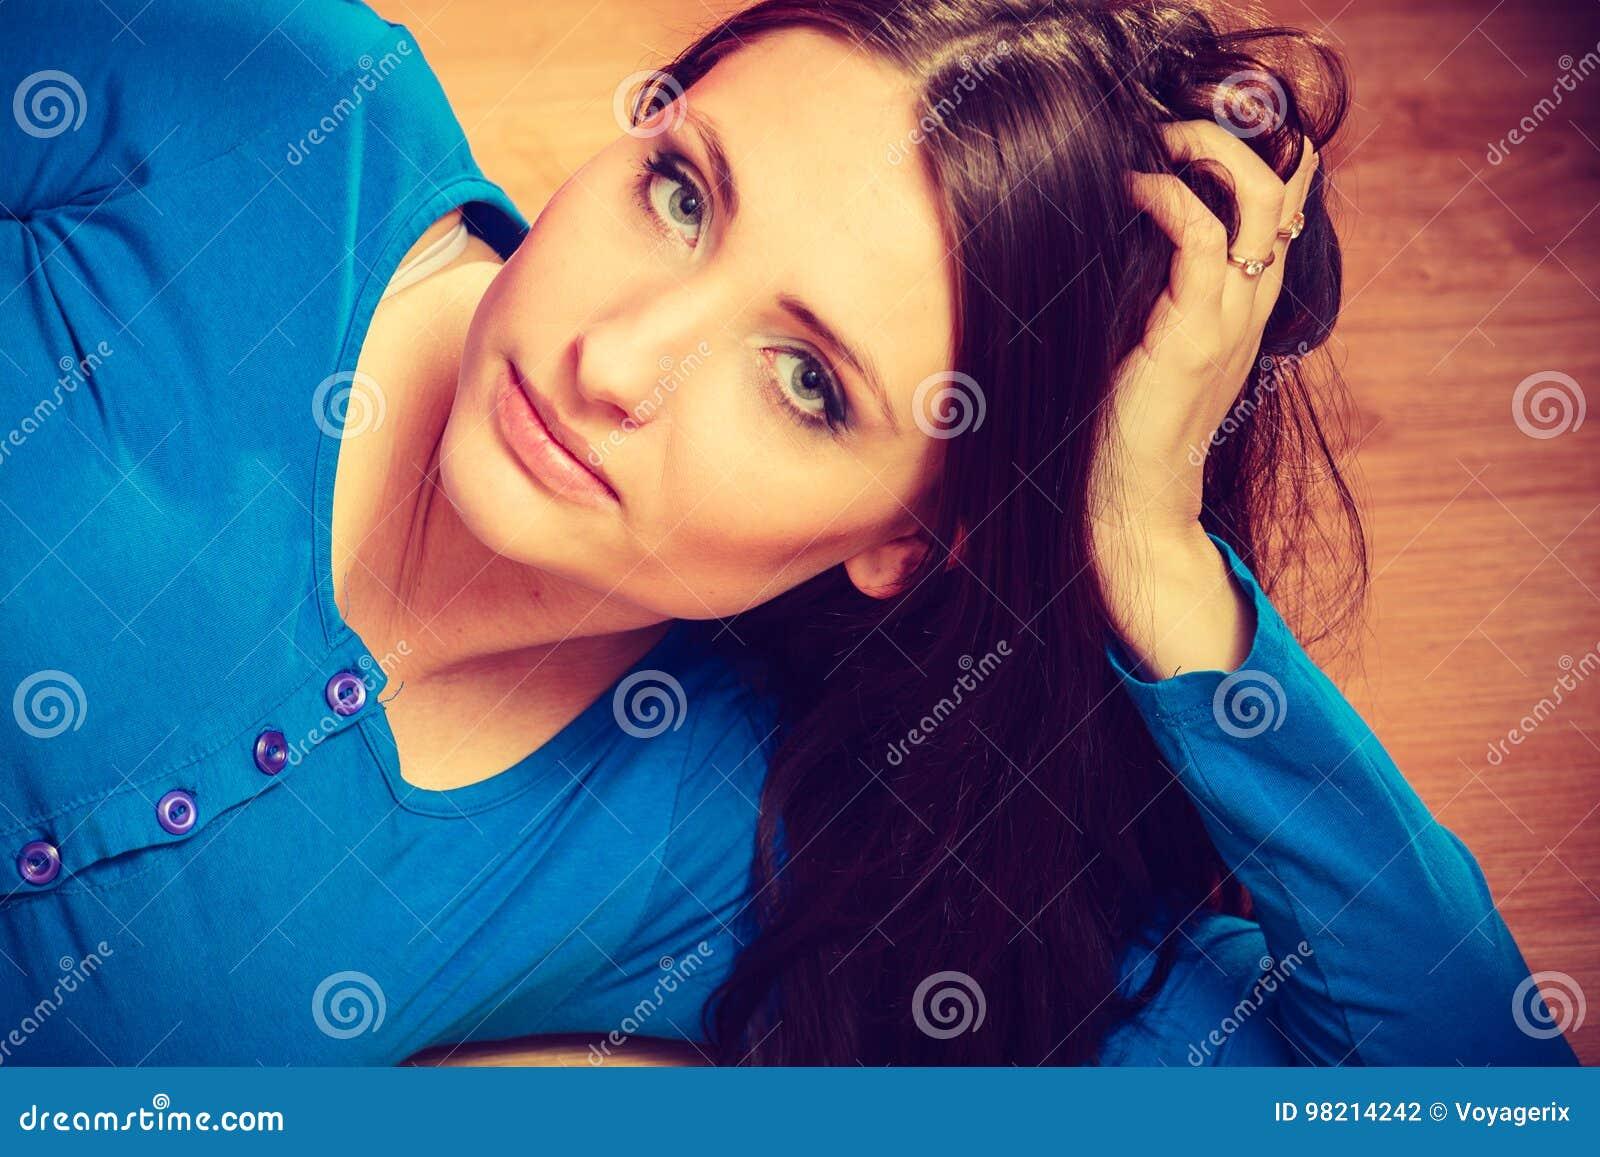 Frau, Die Auf Dem Boden Zeigt Ihren Schwangeren Bauch